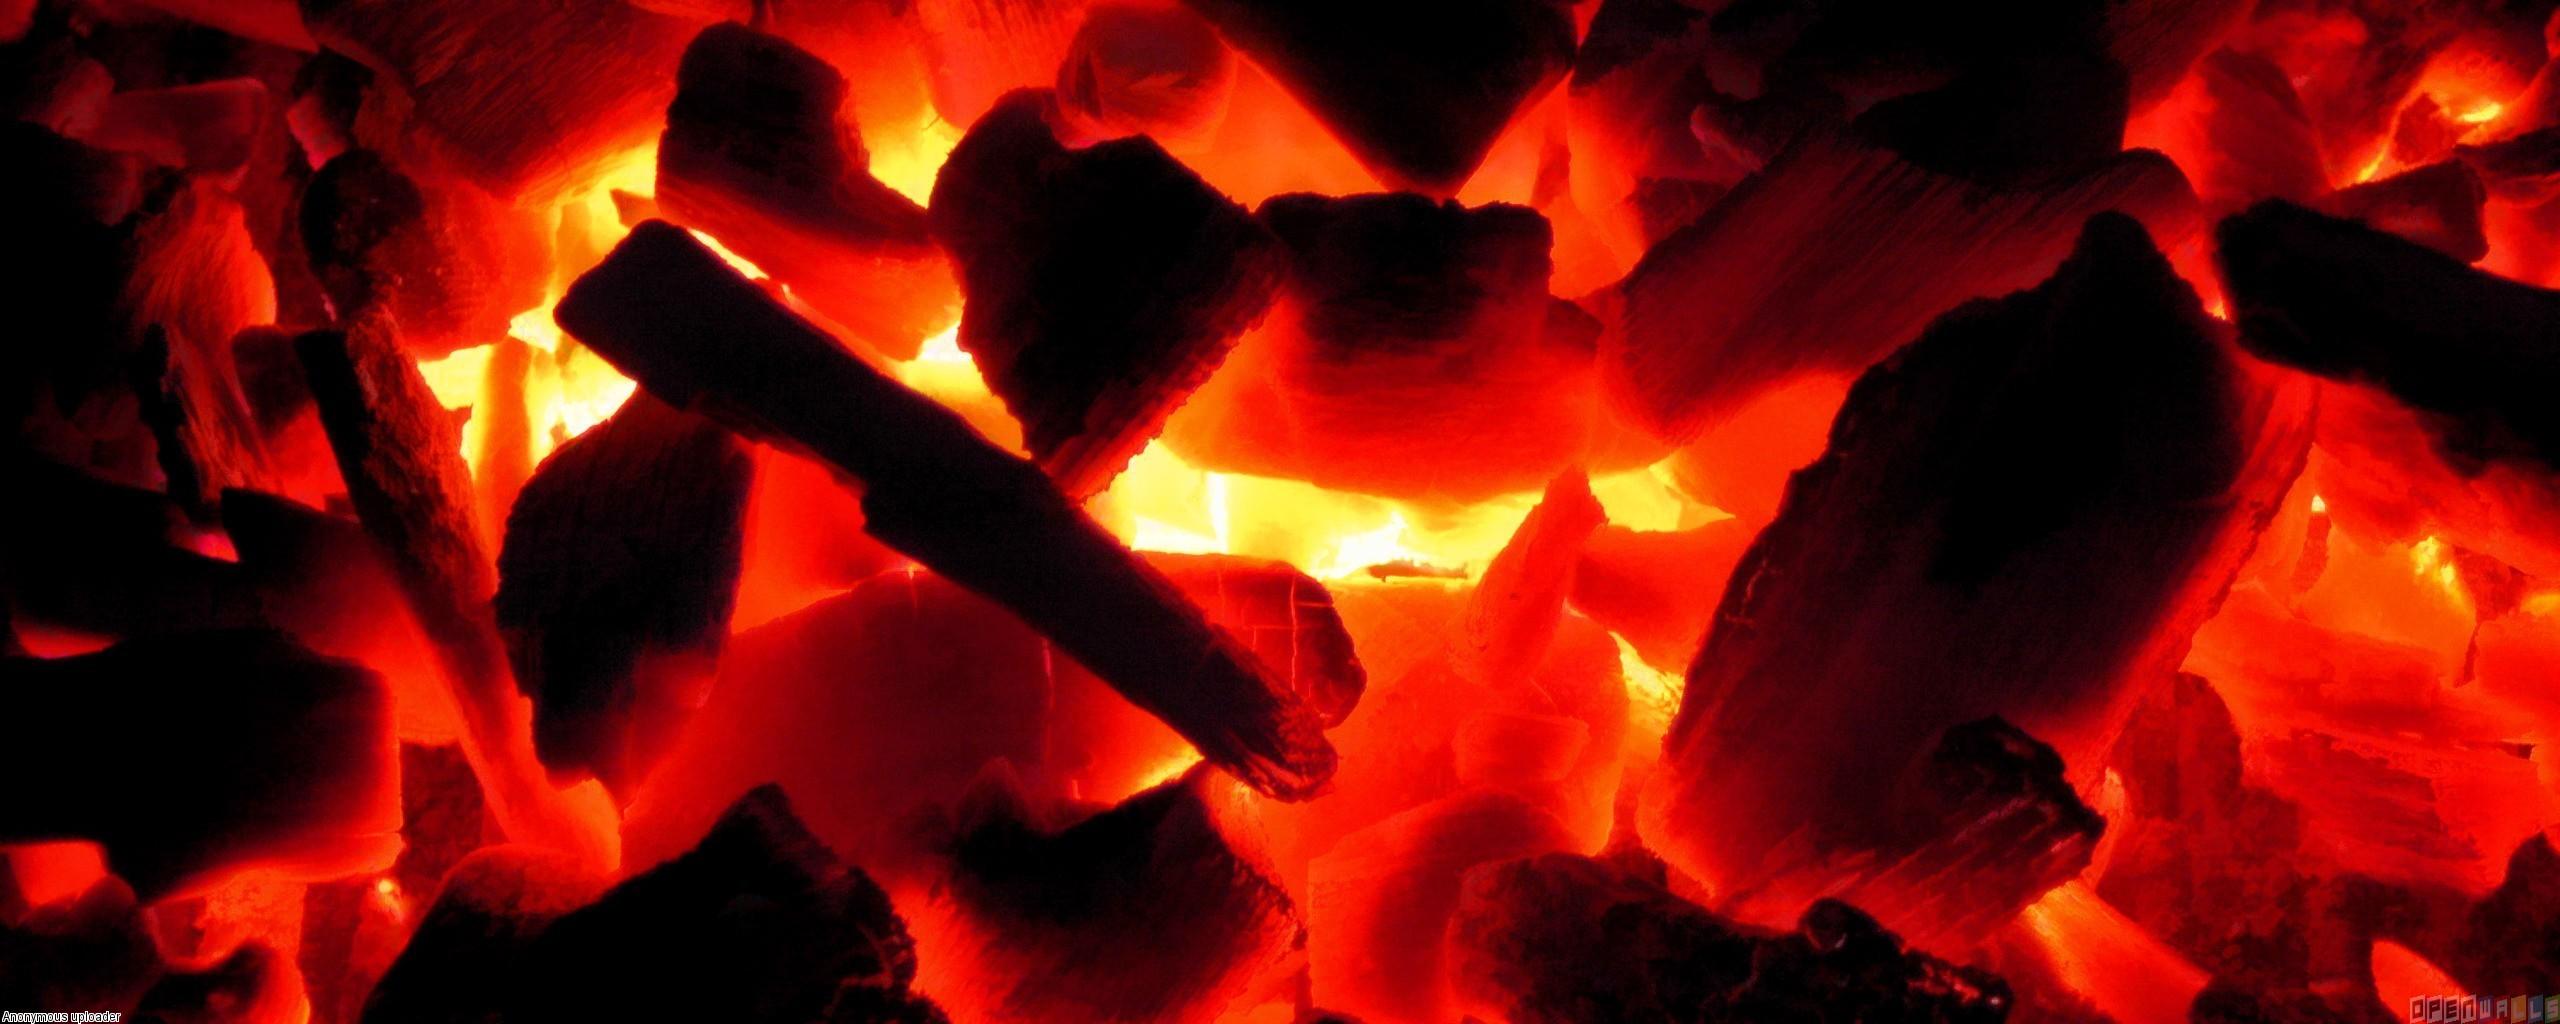 Hot glowing coals wallpaper #7882 - Open Walls